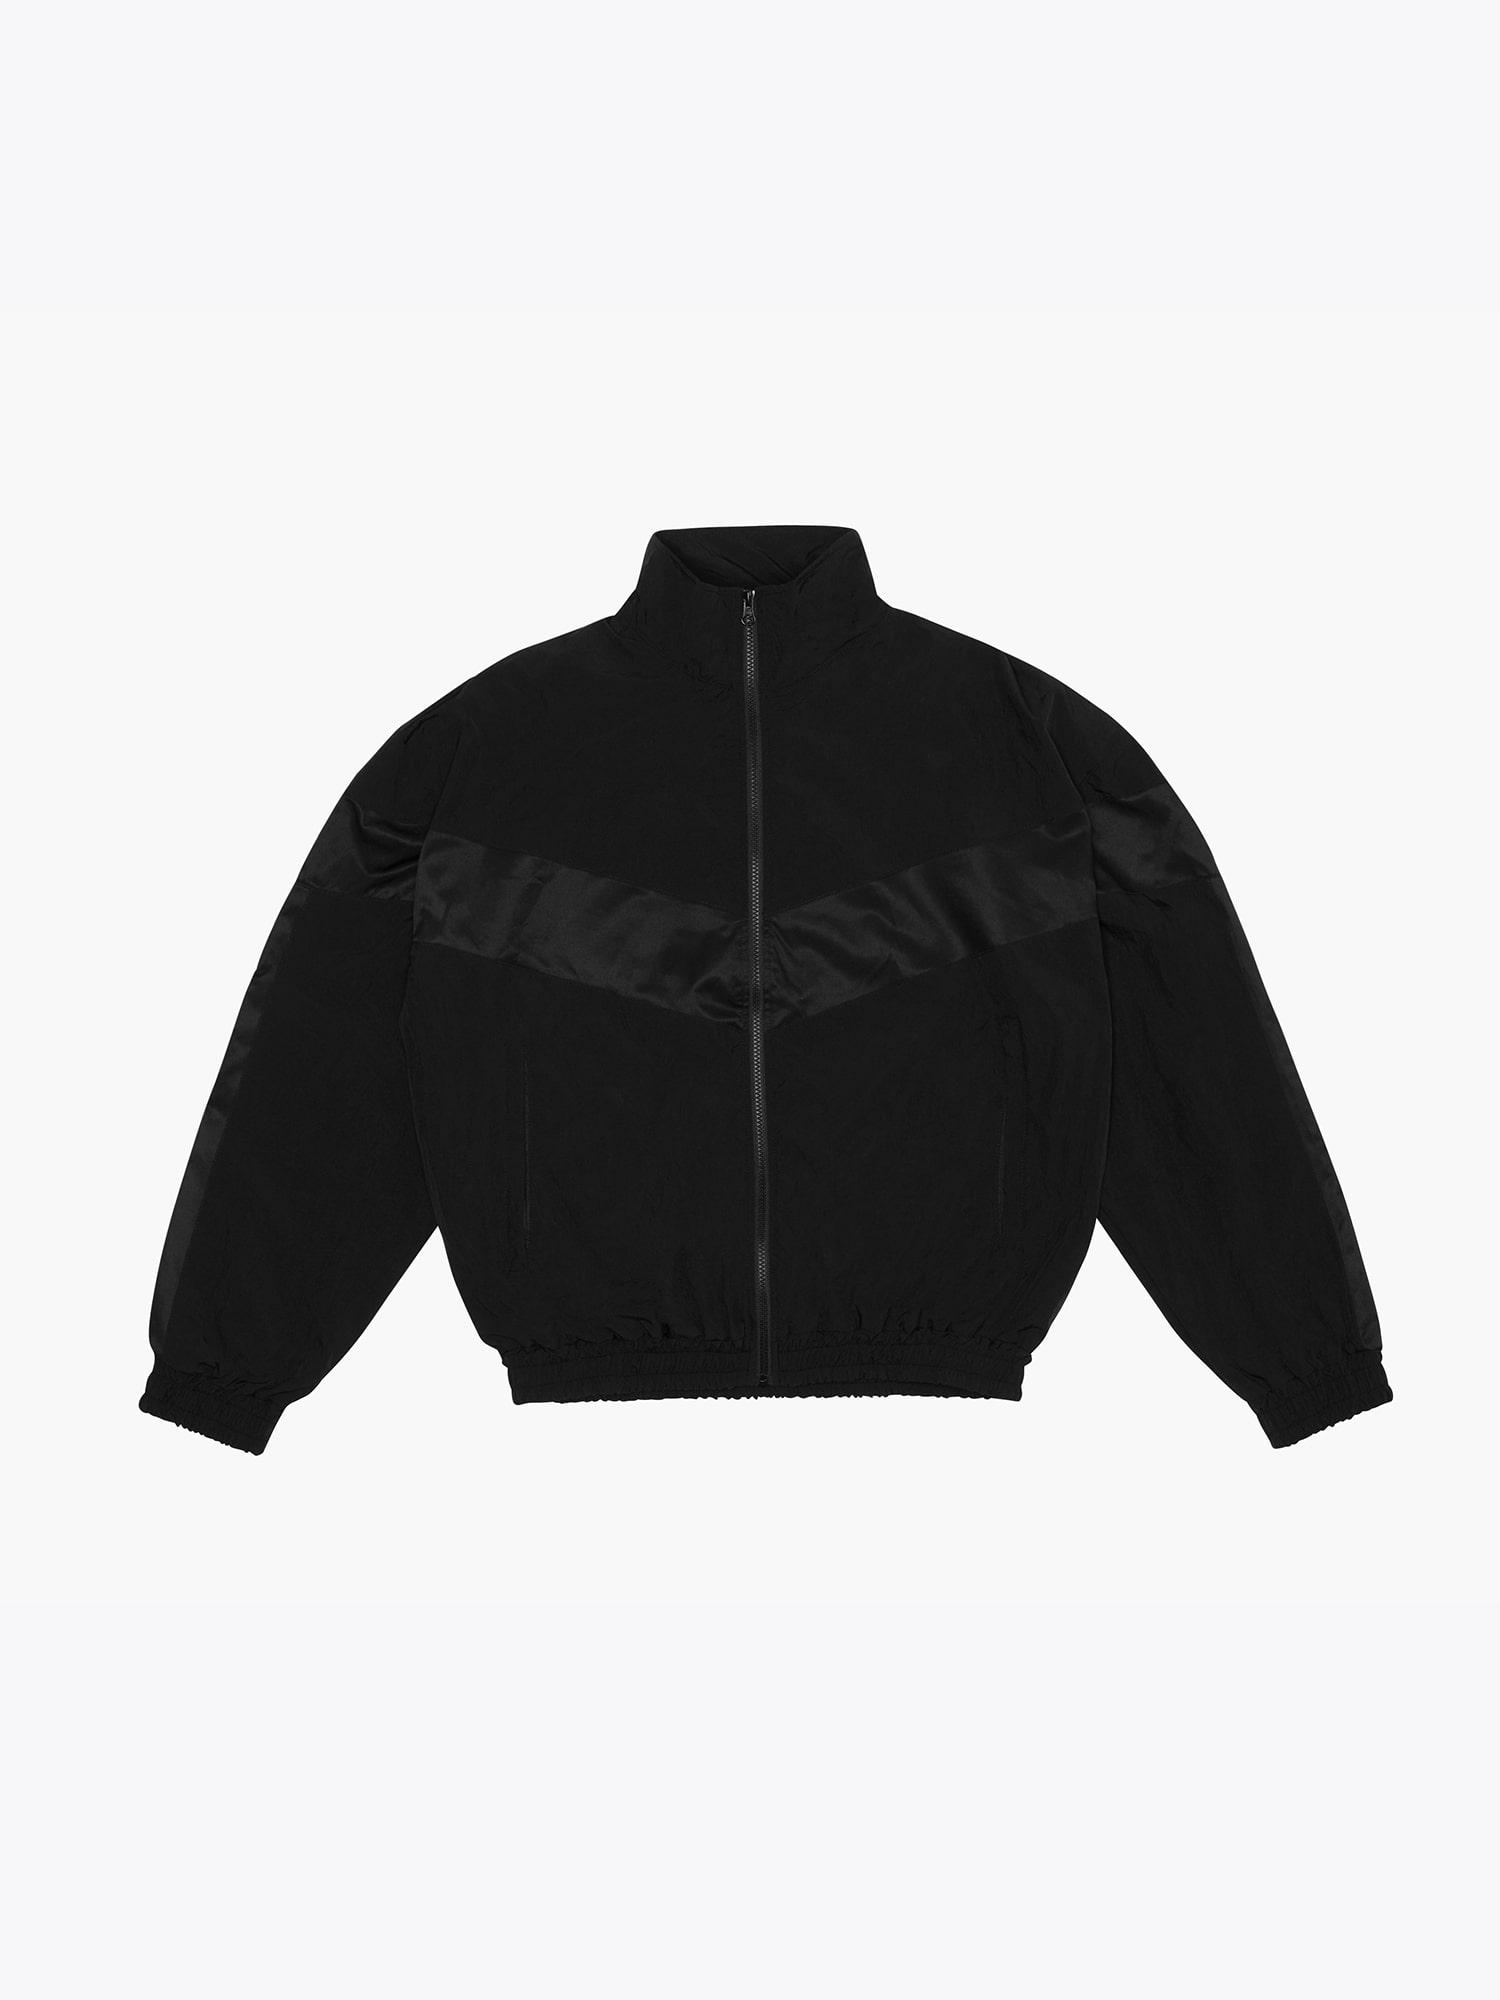 Contrast Track Jacket Black/Black